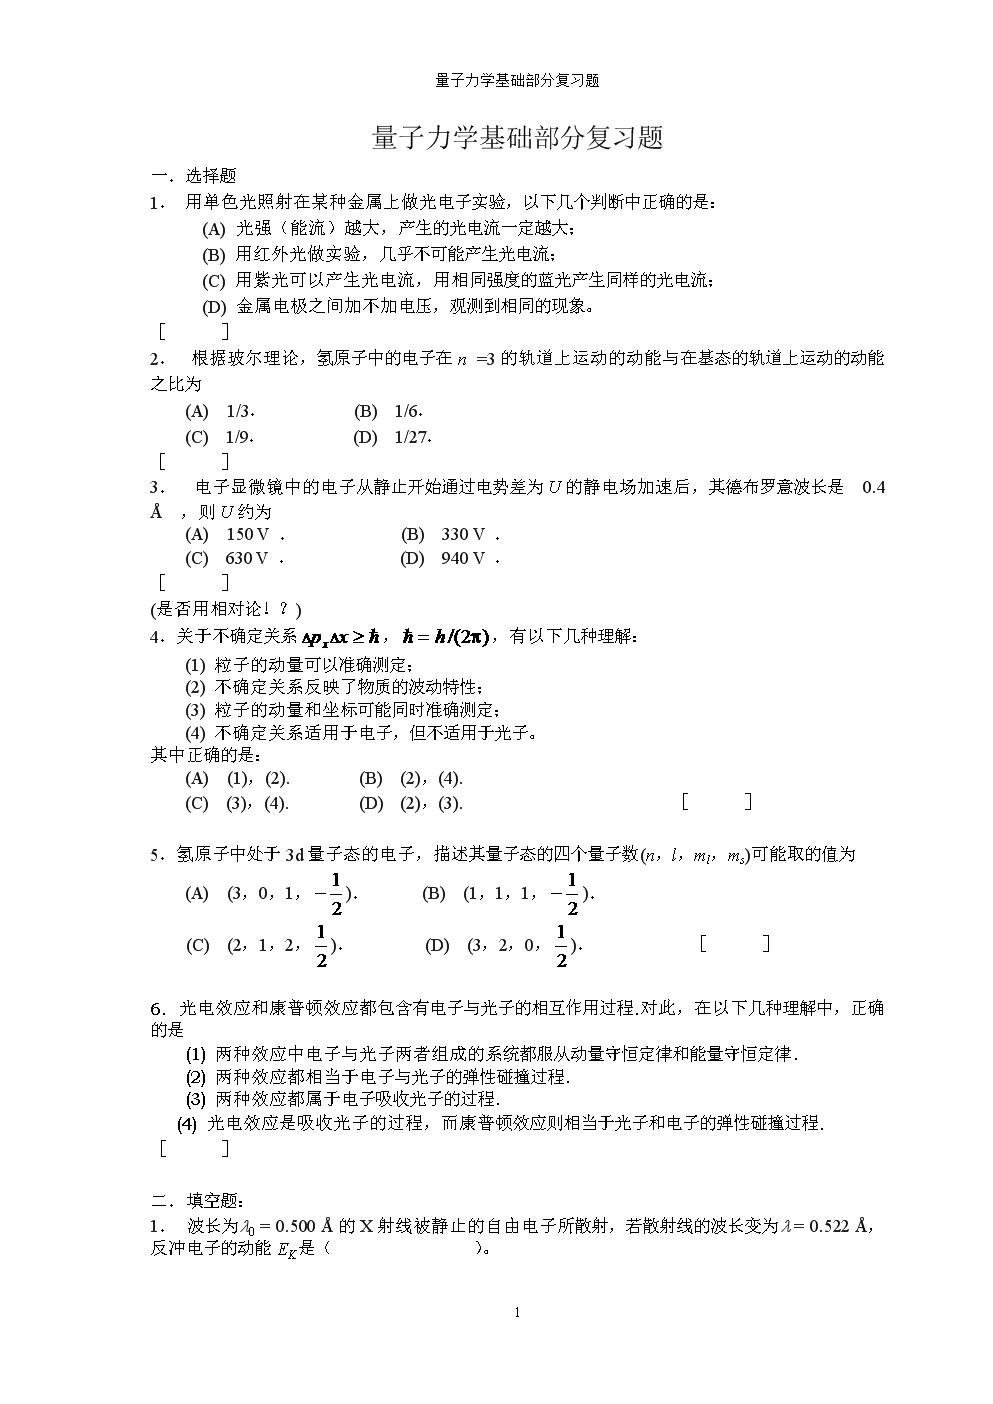 基础物理试题:量子力学基础复习题1.doc